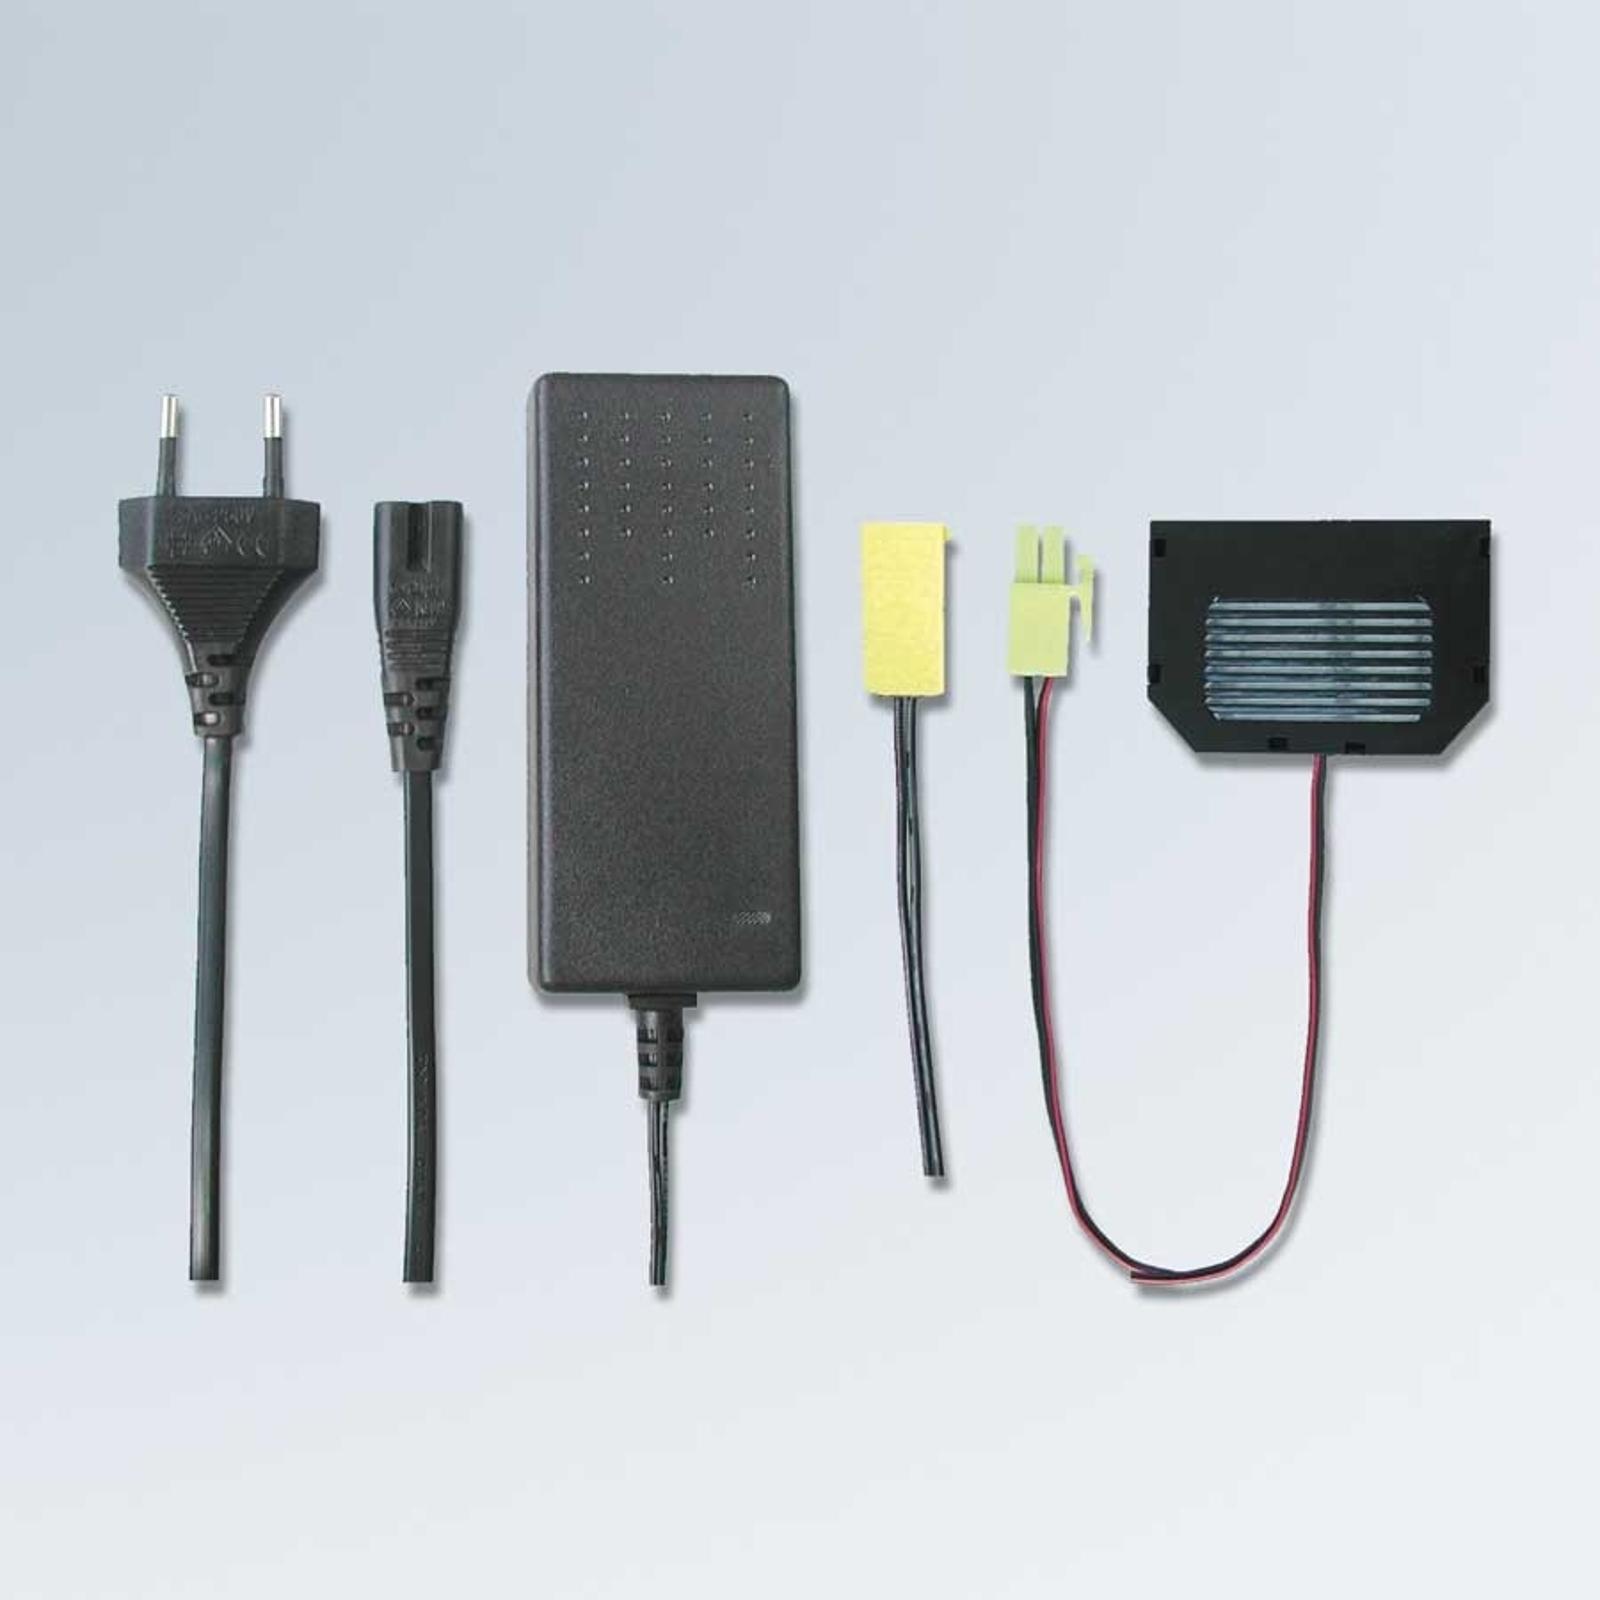 Netzteil für LED-Leuchten mit Eurostecker, 50VA